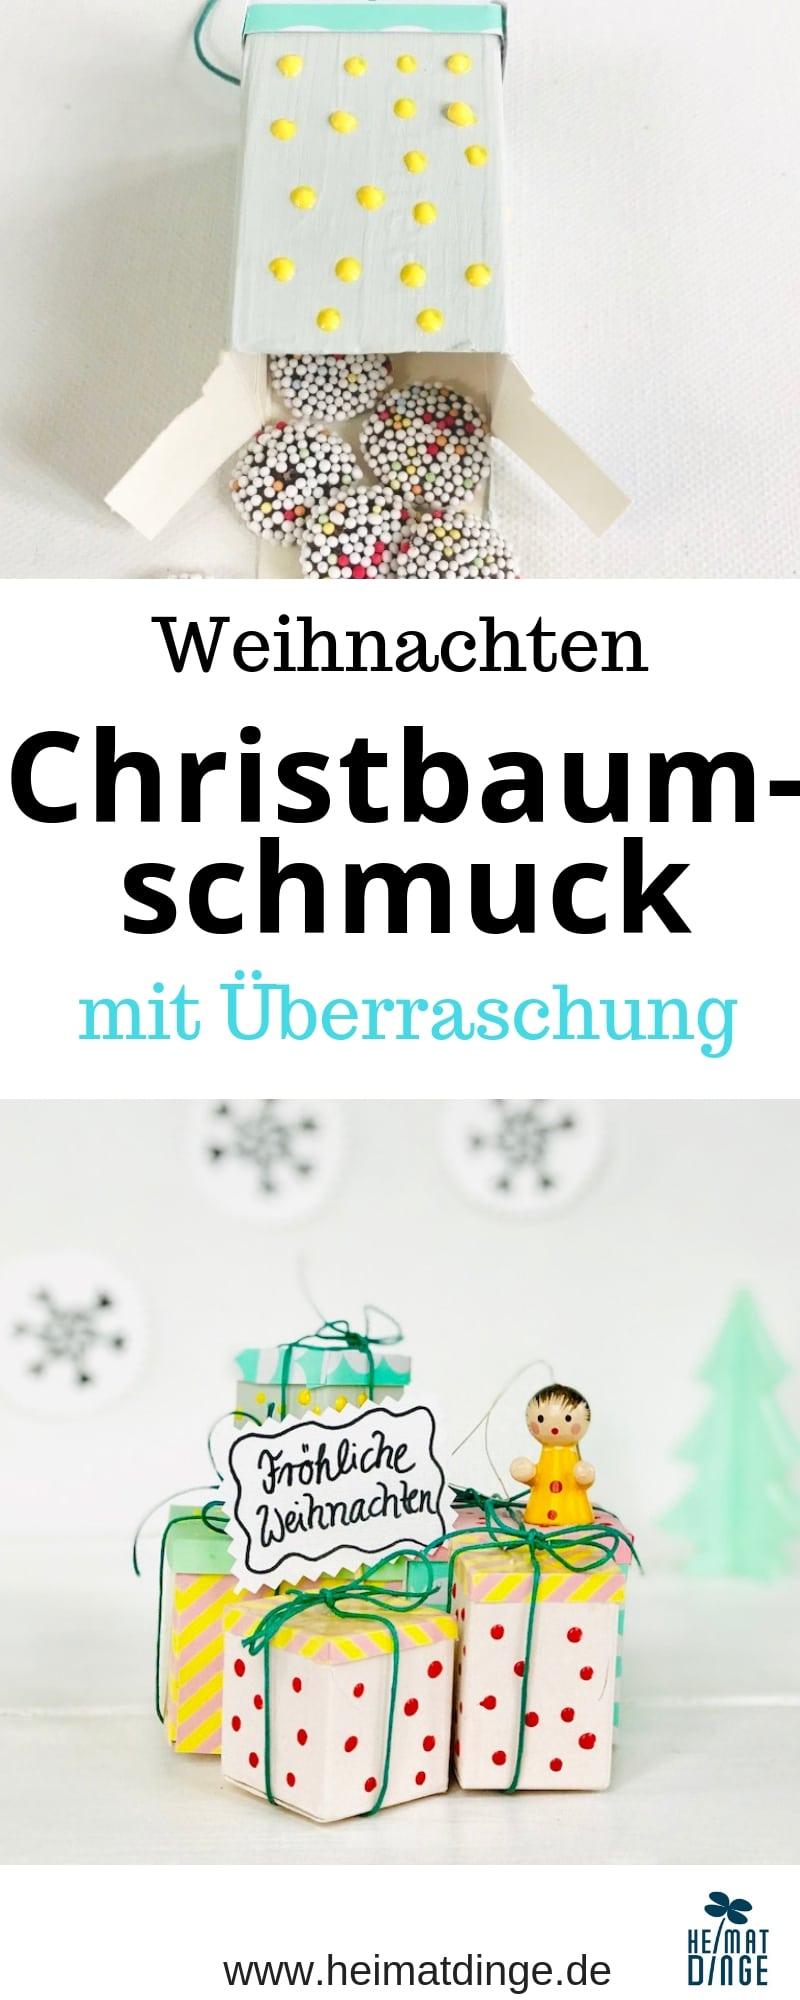 Weihnachtsdeko selber machen Anleitung, selbermachen, Upcycling, Weihnachtsschmuck